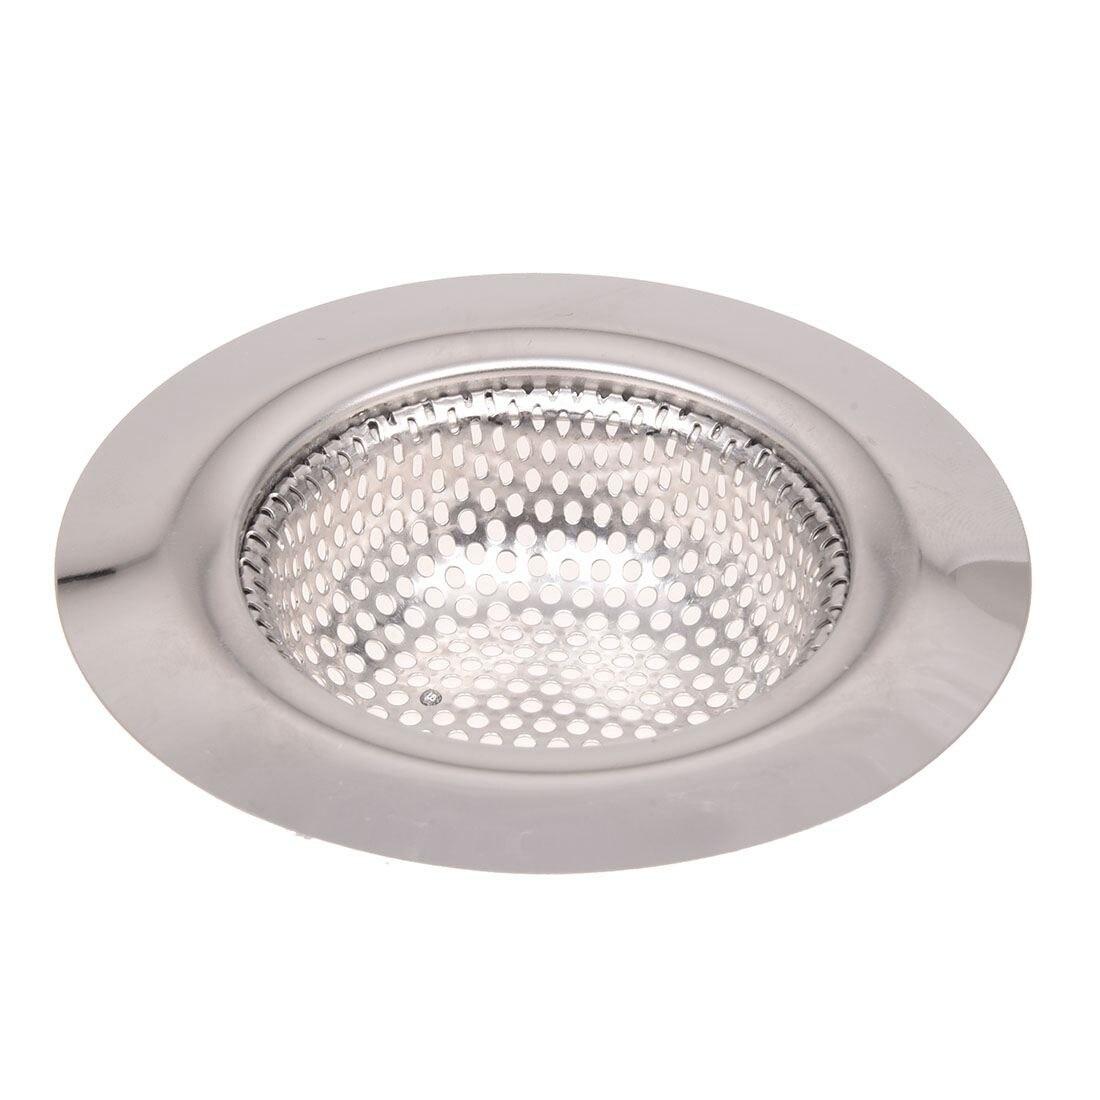 BIFI-Stainless Steel Mesh Hole Design Round Sink Strainer